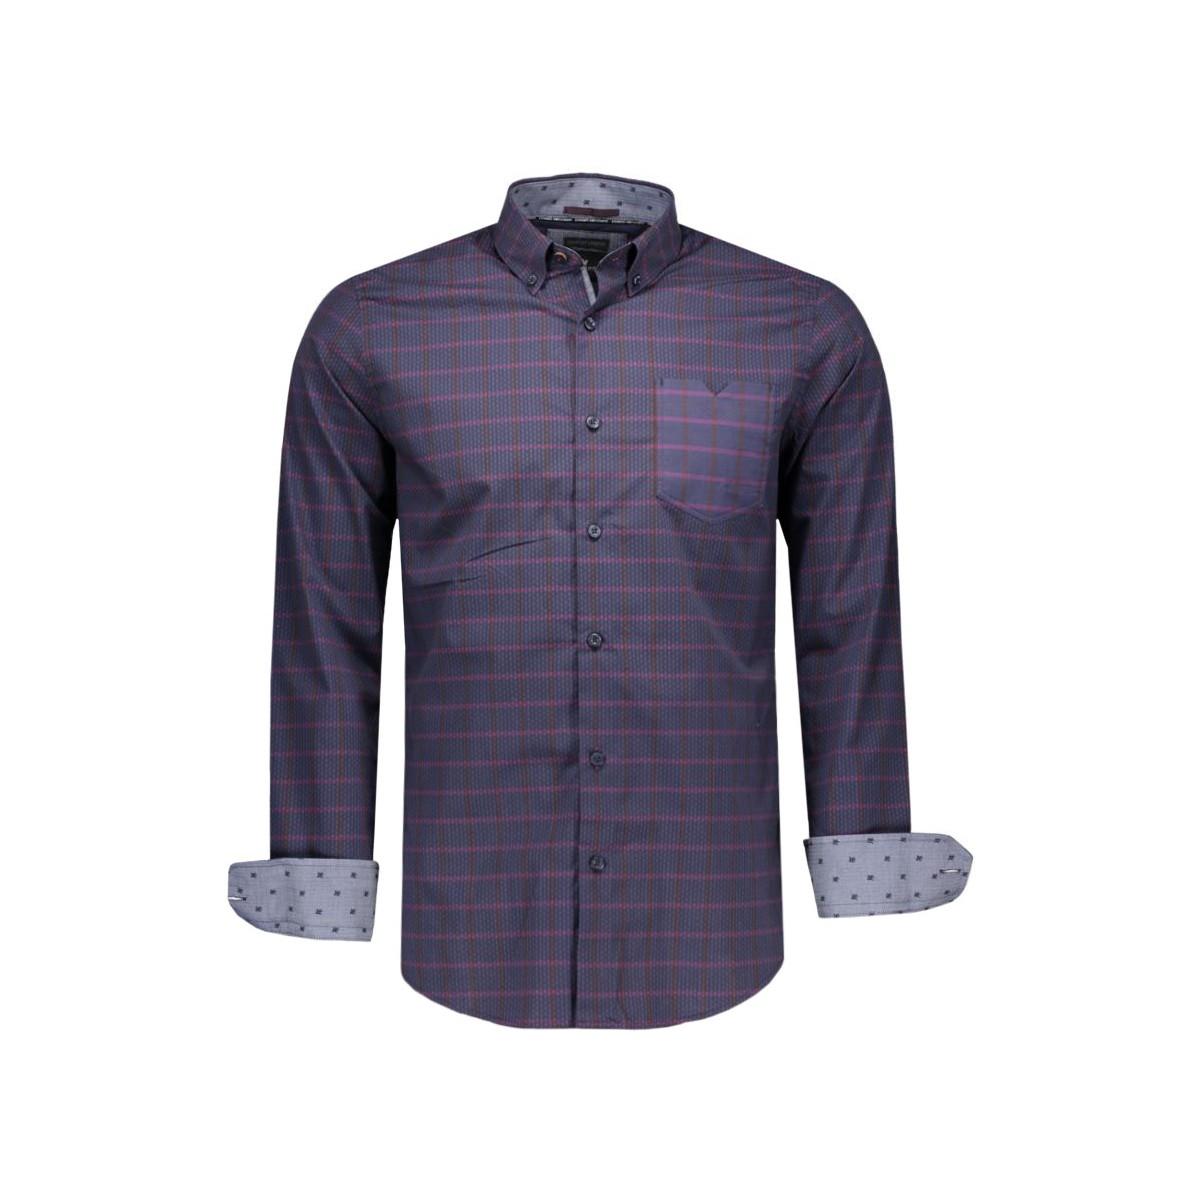 Donkerblauw Heren Overhemd.Sportique Zeewolde Heren Donkerblauw Heren Overhemd Vanguard